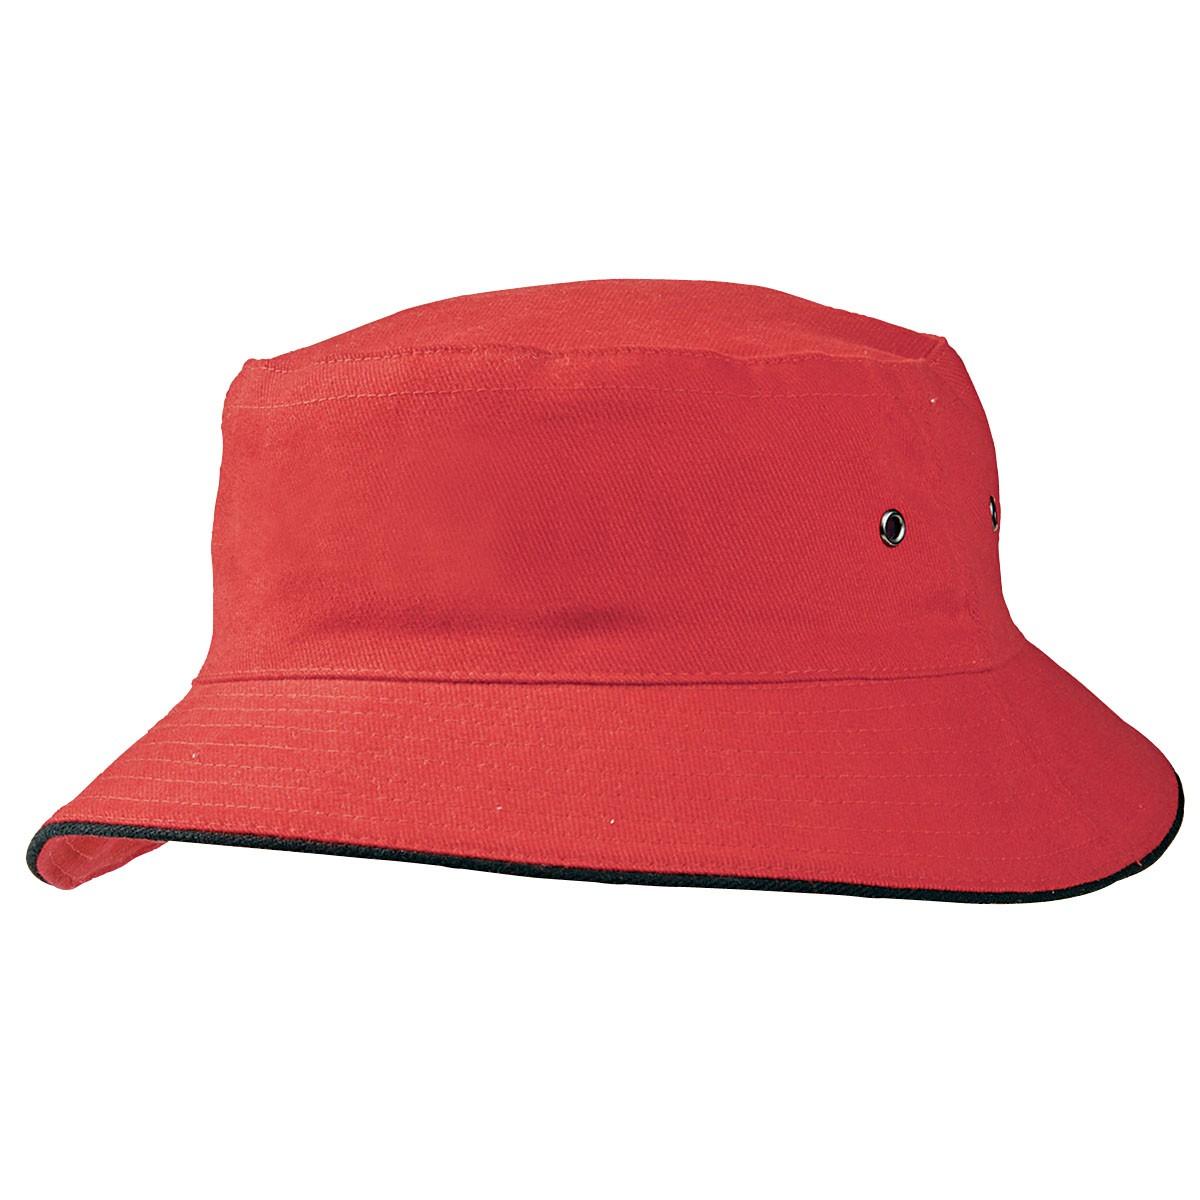 Promotional Product Bucket Hat/Contrast Sandwich Brim